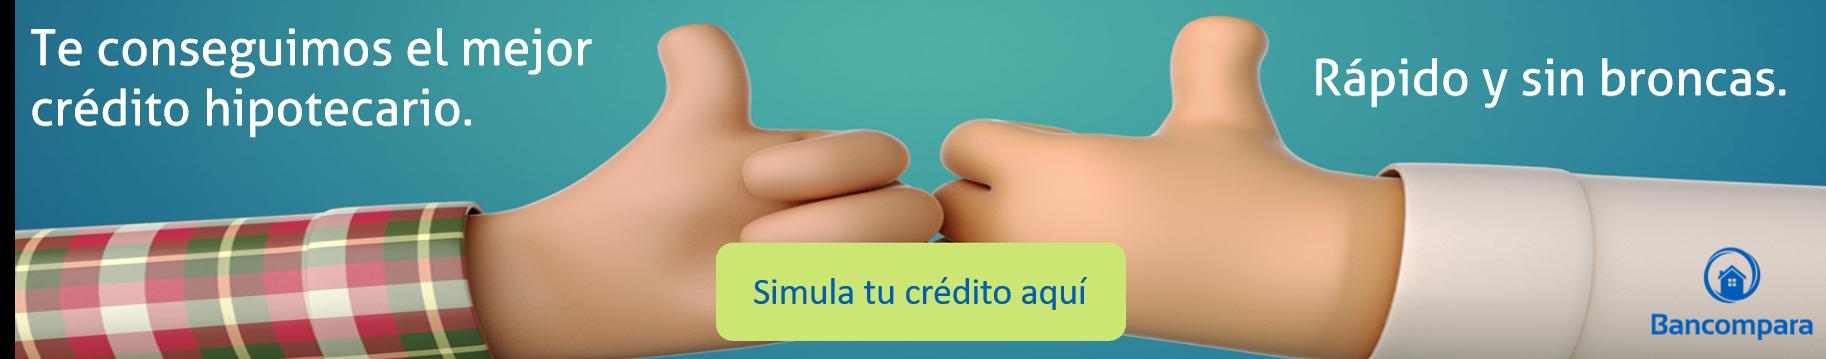 Credito hipotecario banner blog NUEVA